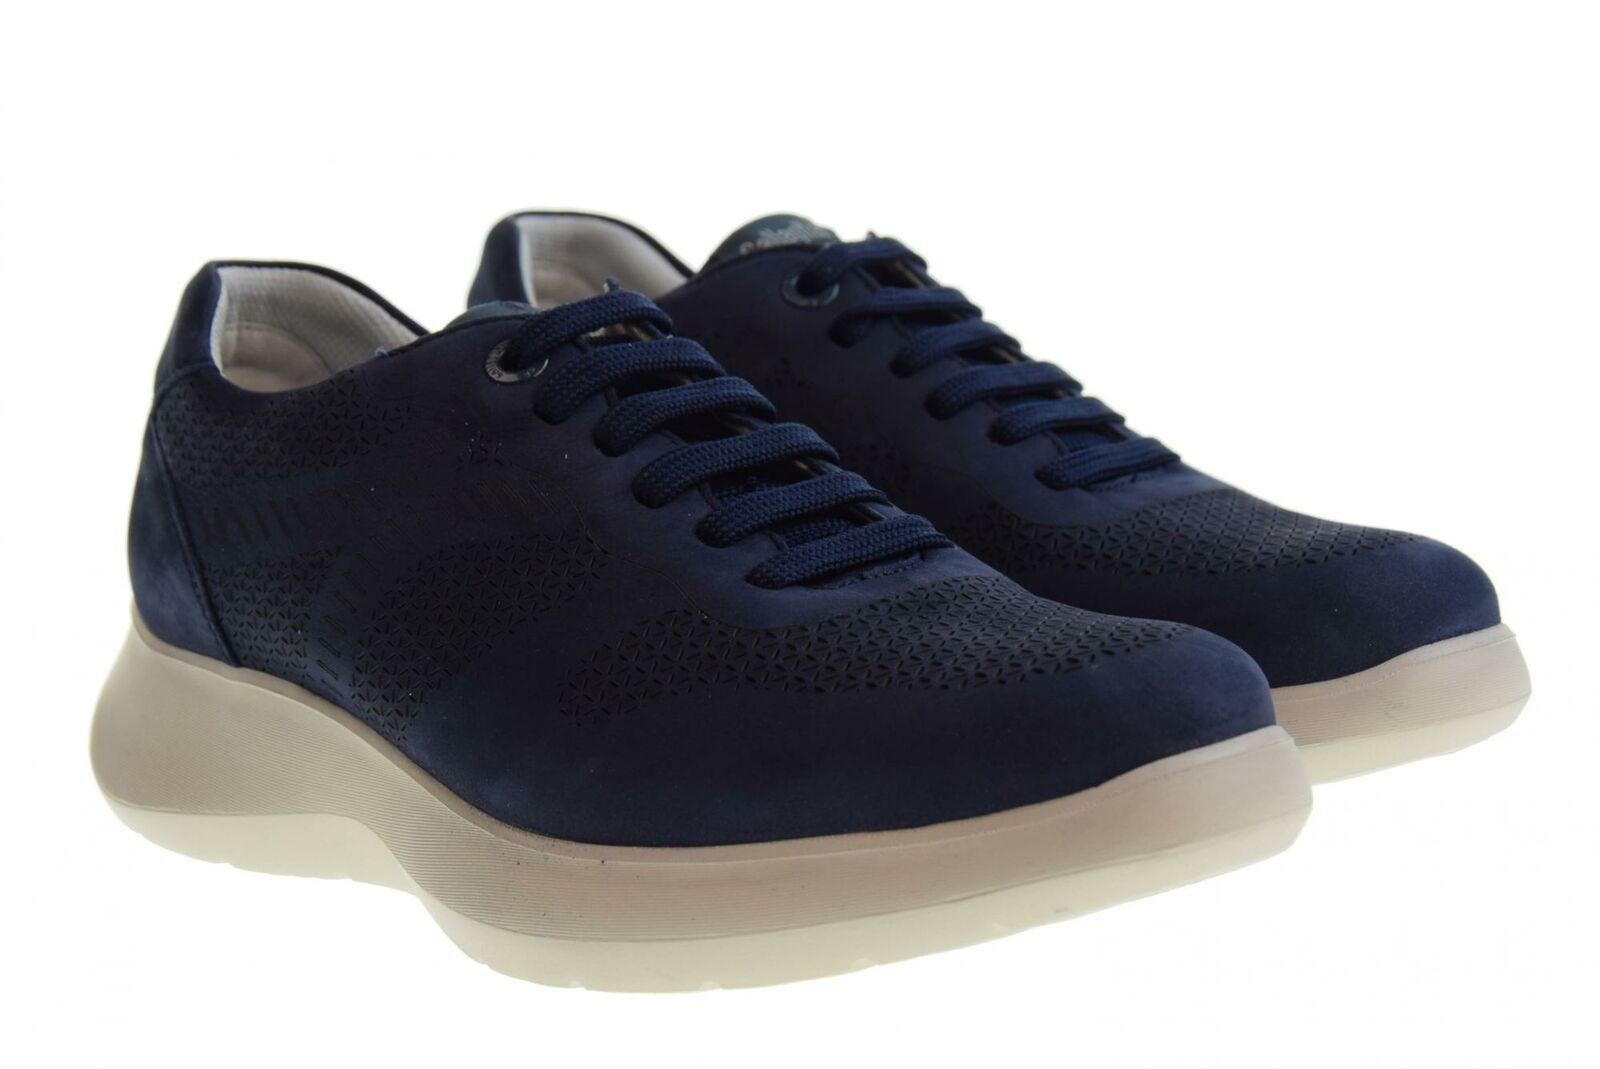 Callaghan P19f shoes pour men - Baskets basses 16602 blue